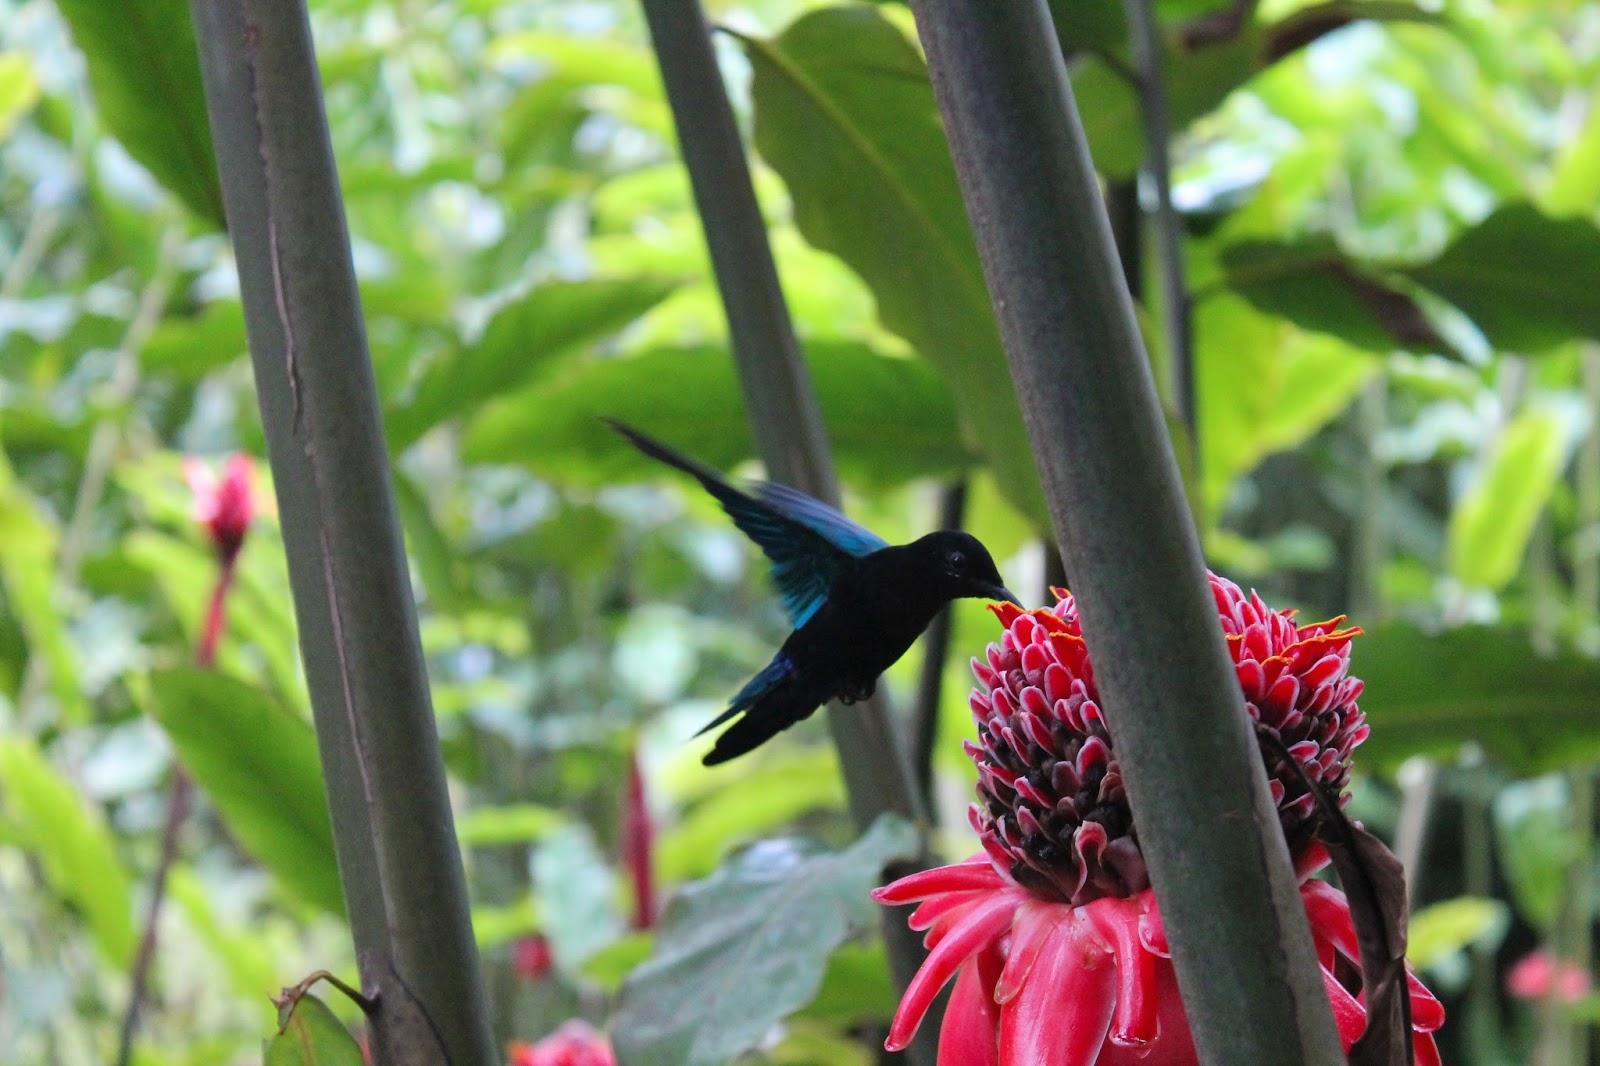 jardin de balata martinique fleur colibri